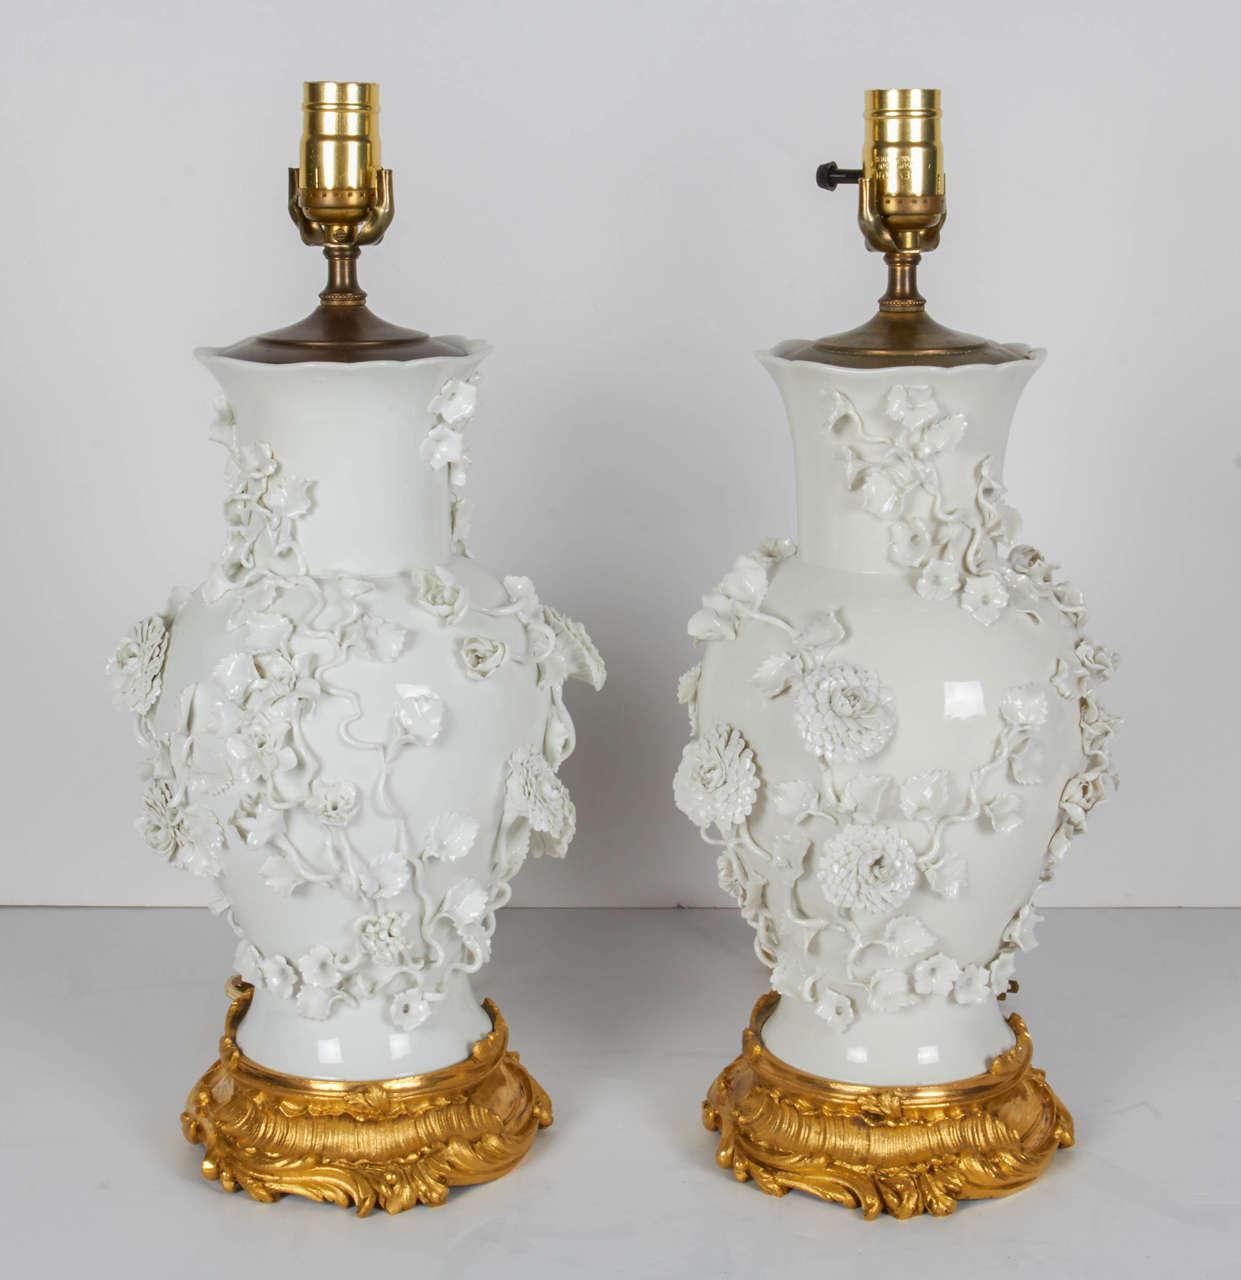 Pair Of Antique Blanc De Chine Porcelain Lamps With Raised